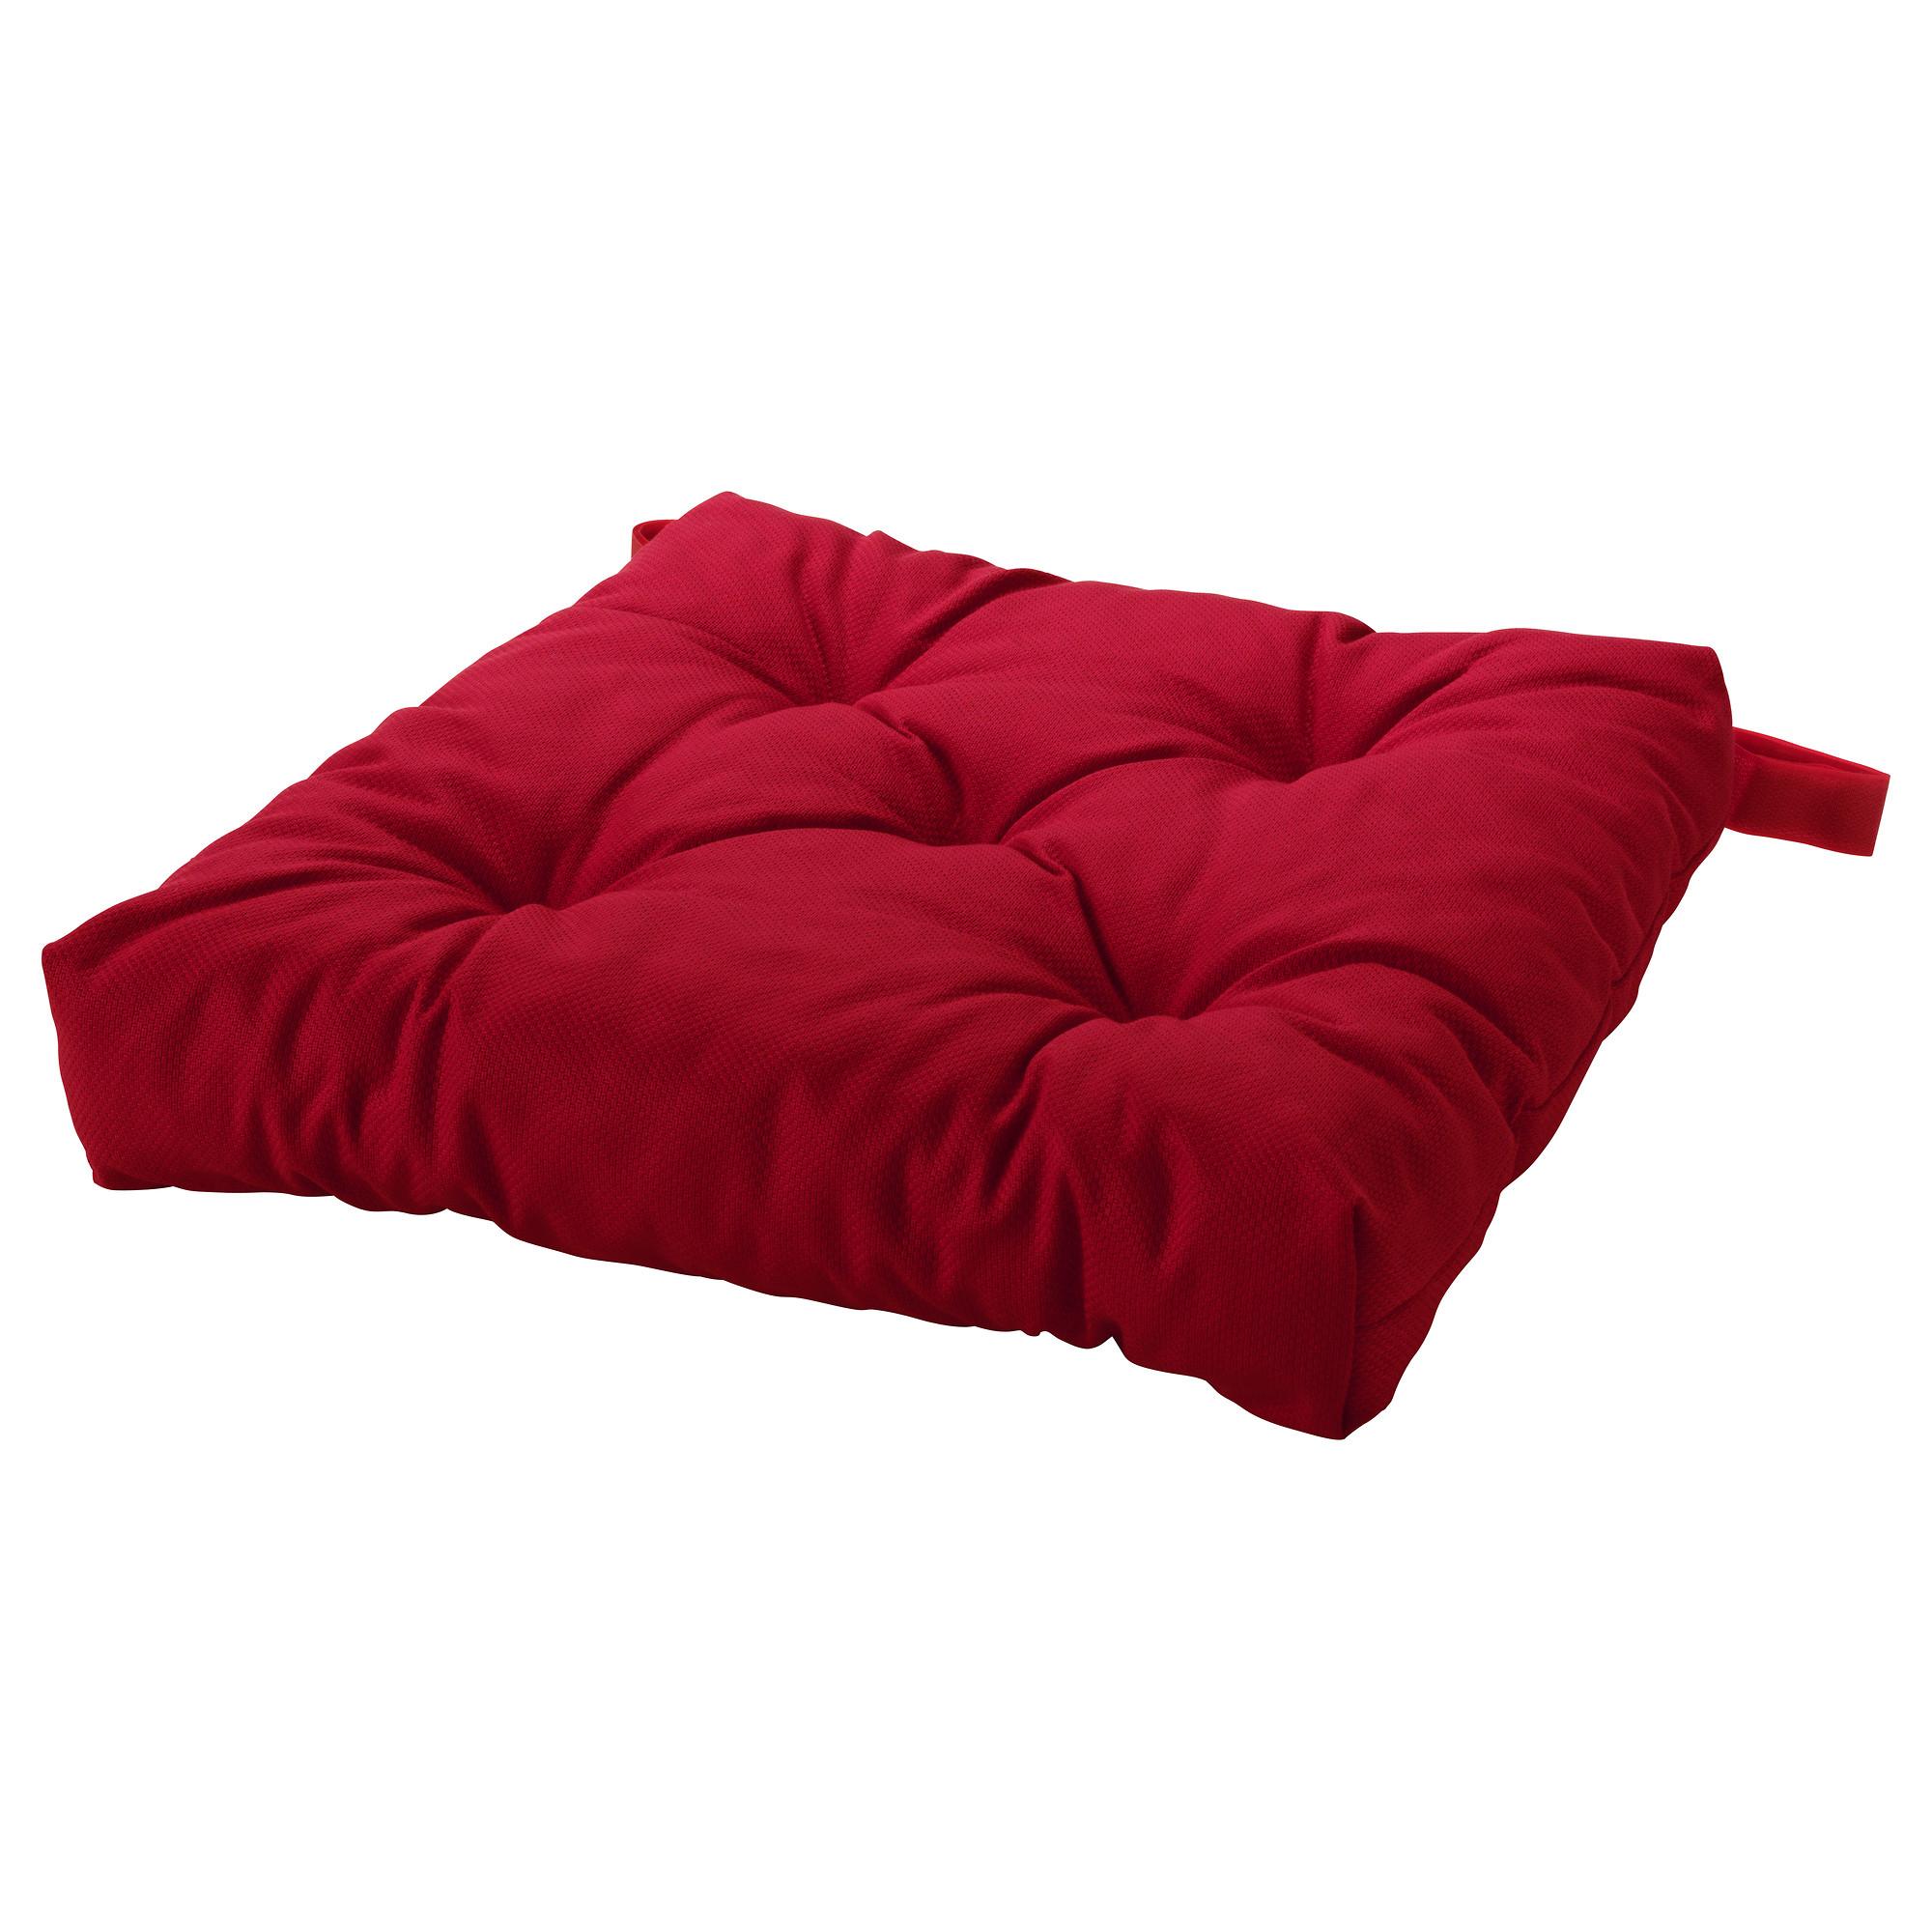 椅墊, , 紅色, 另有其他顏色可選擇